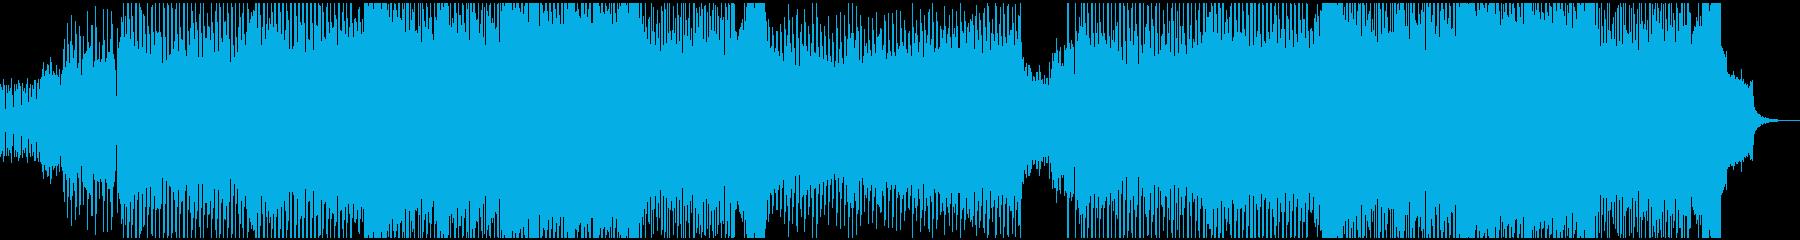 重厚感のあるオーケストラ調のテクノの再生済みの波形